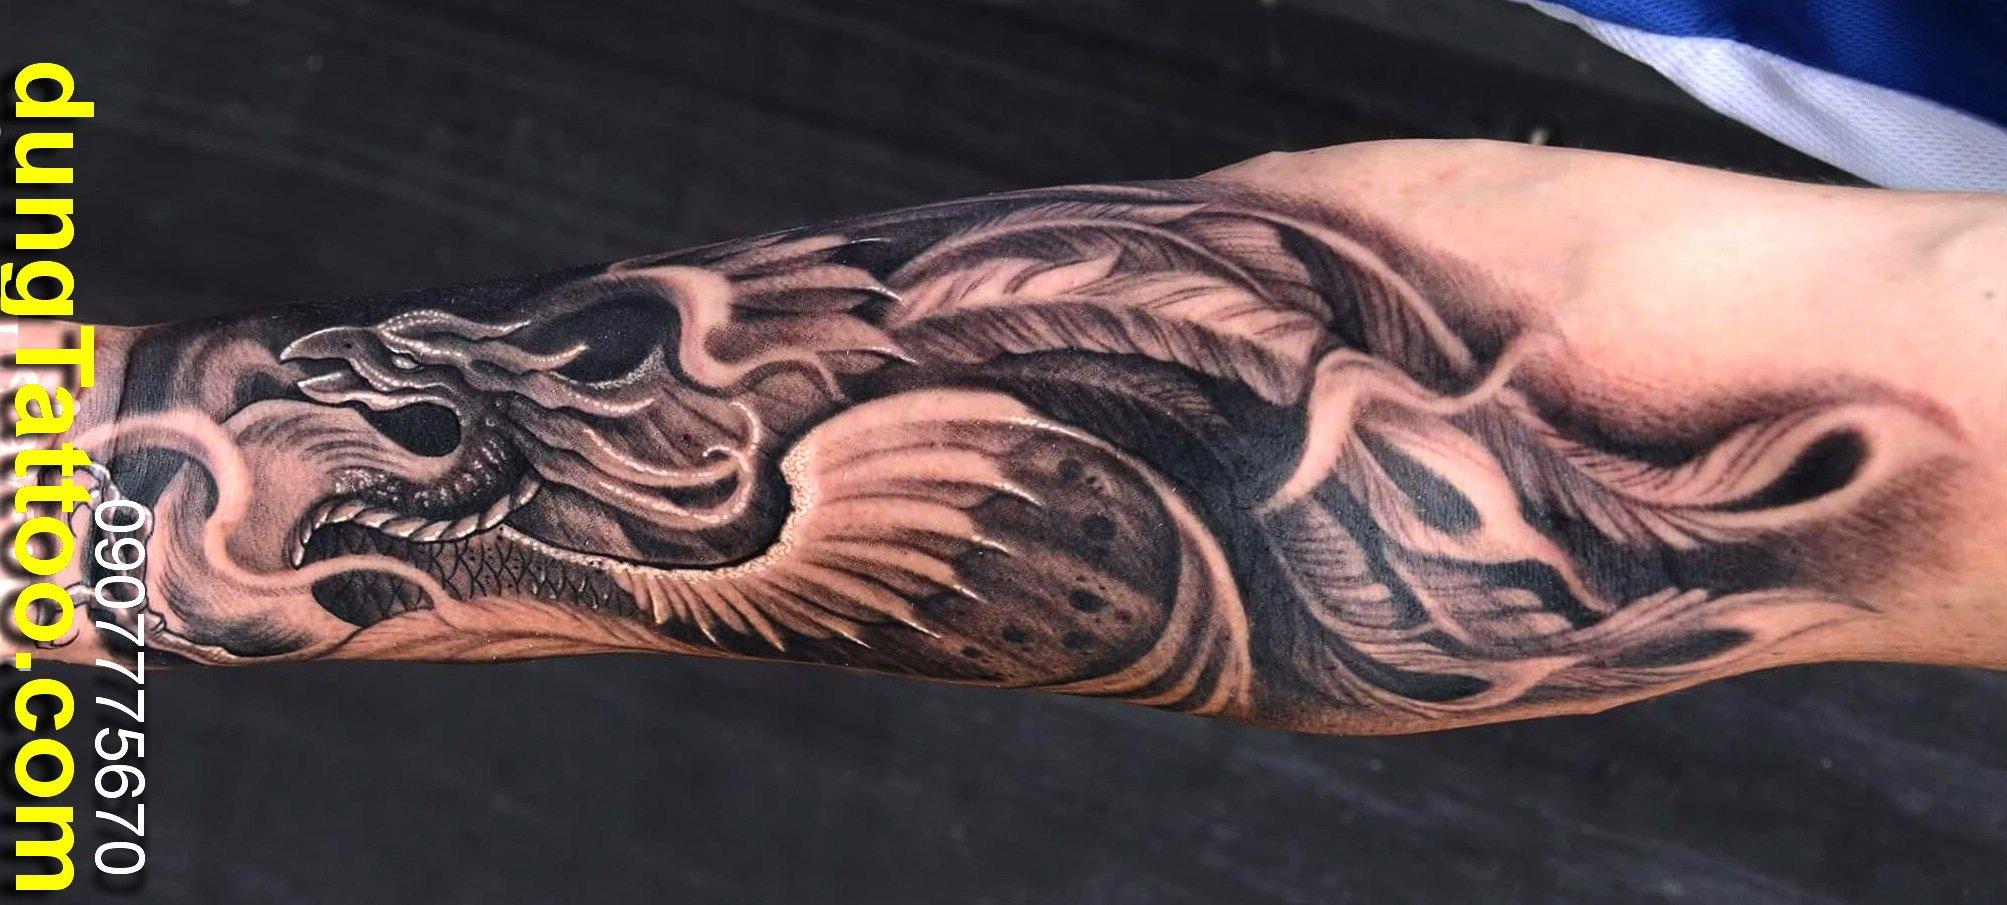 hình xăm đẹp trên cánh tay phượng hoàng dành cho anh tuổi dậu thực hiện dũng tatoo 0907775670